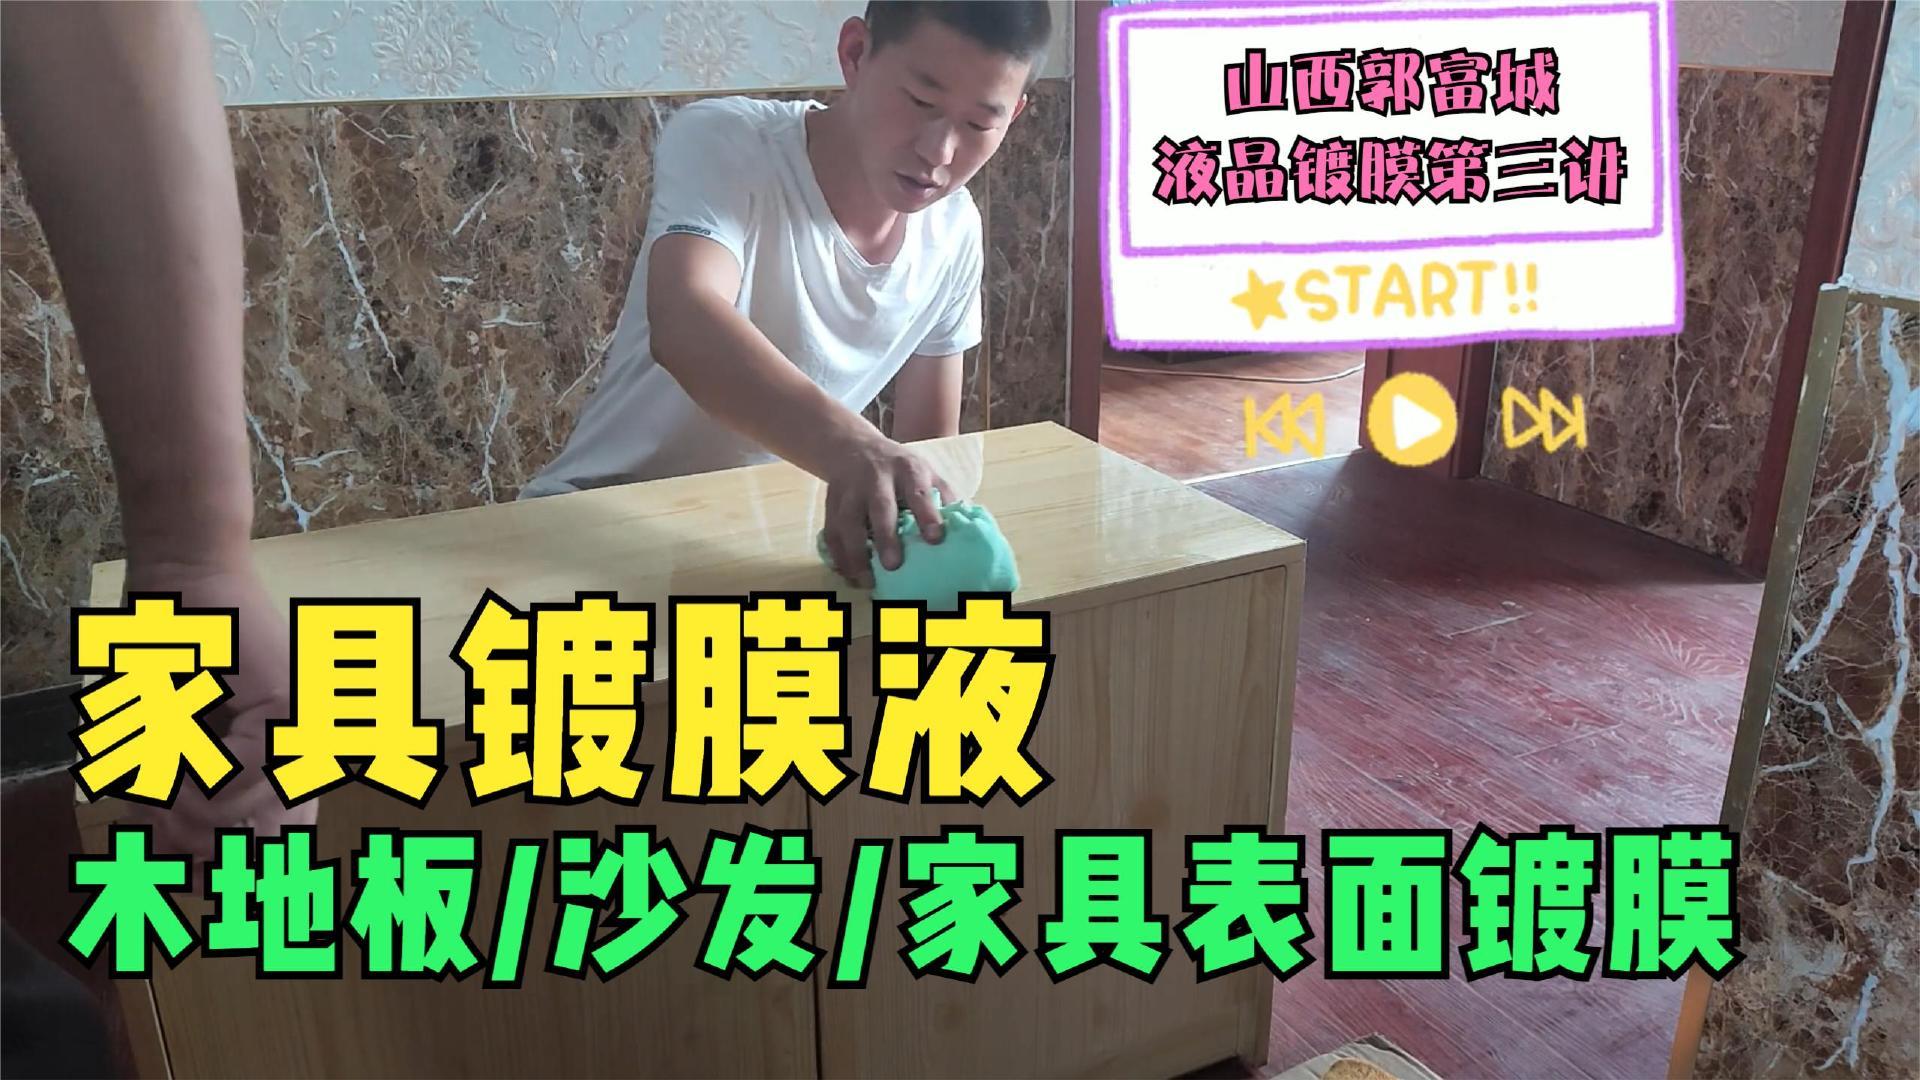 做家具修复的老郭,再次分享家具木地板镀膜教程,只因分享使人快乐!-家具美容网